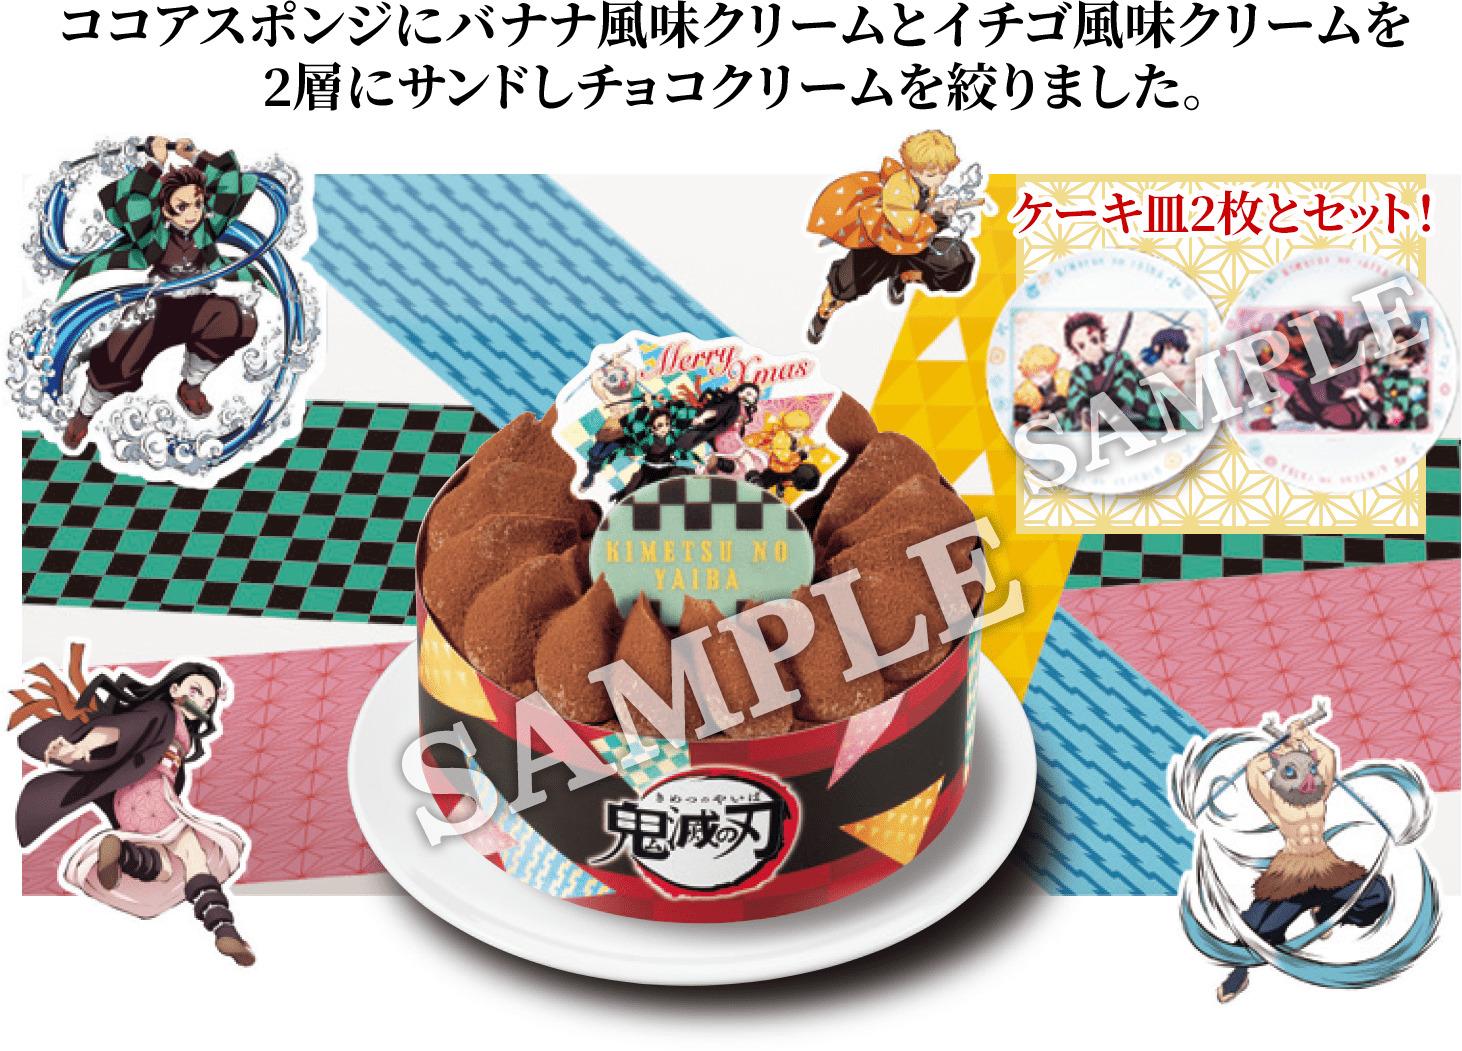 鬼滅の刃クリスマスケーキ